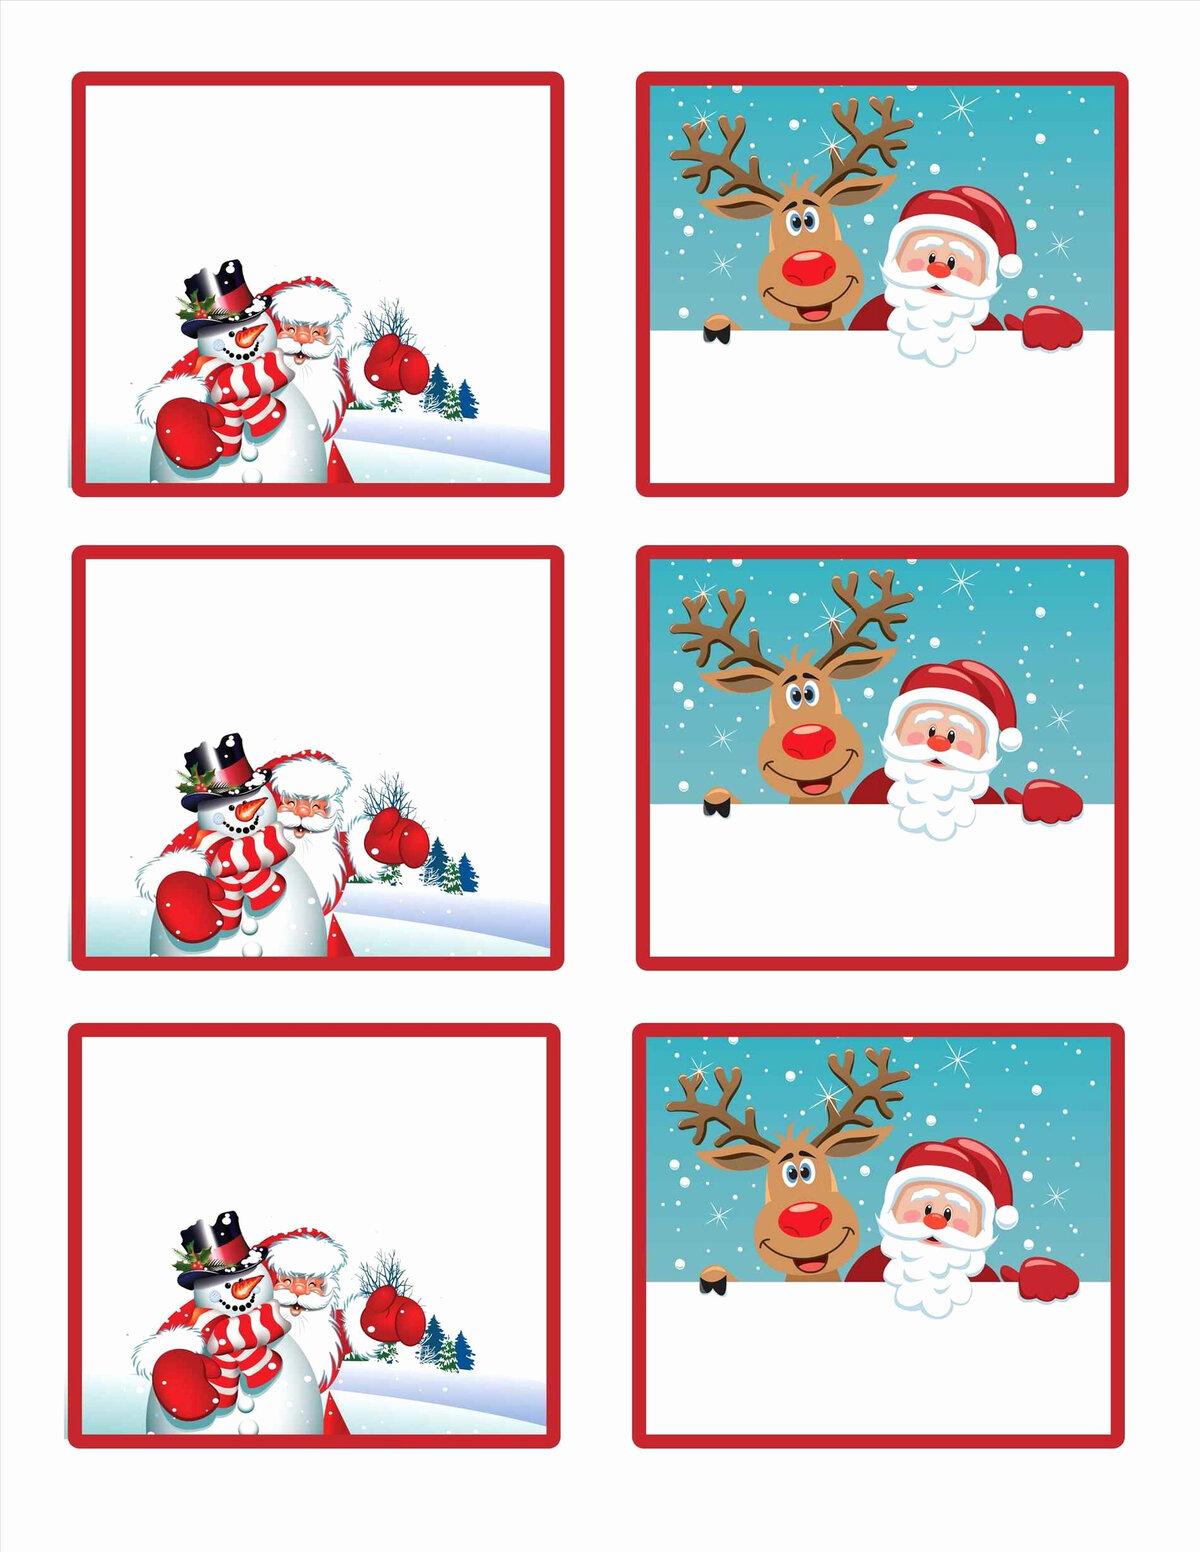 Мини открытка на новый год распечатать, картинки